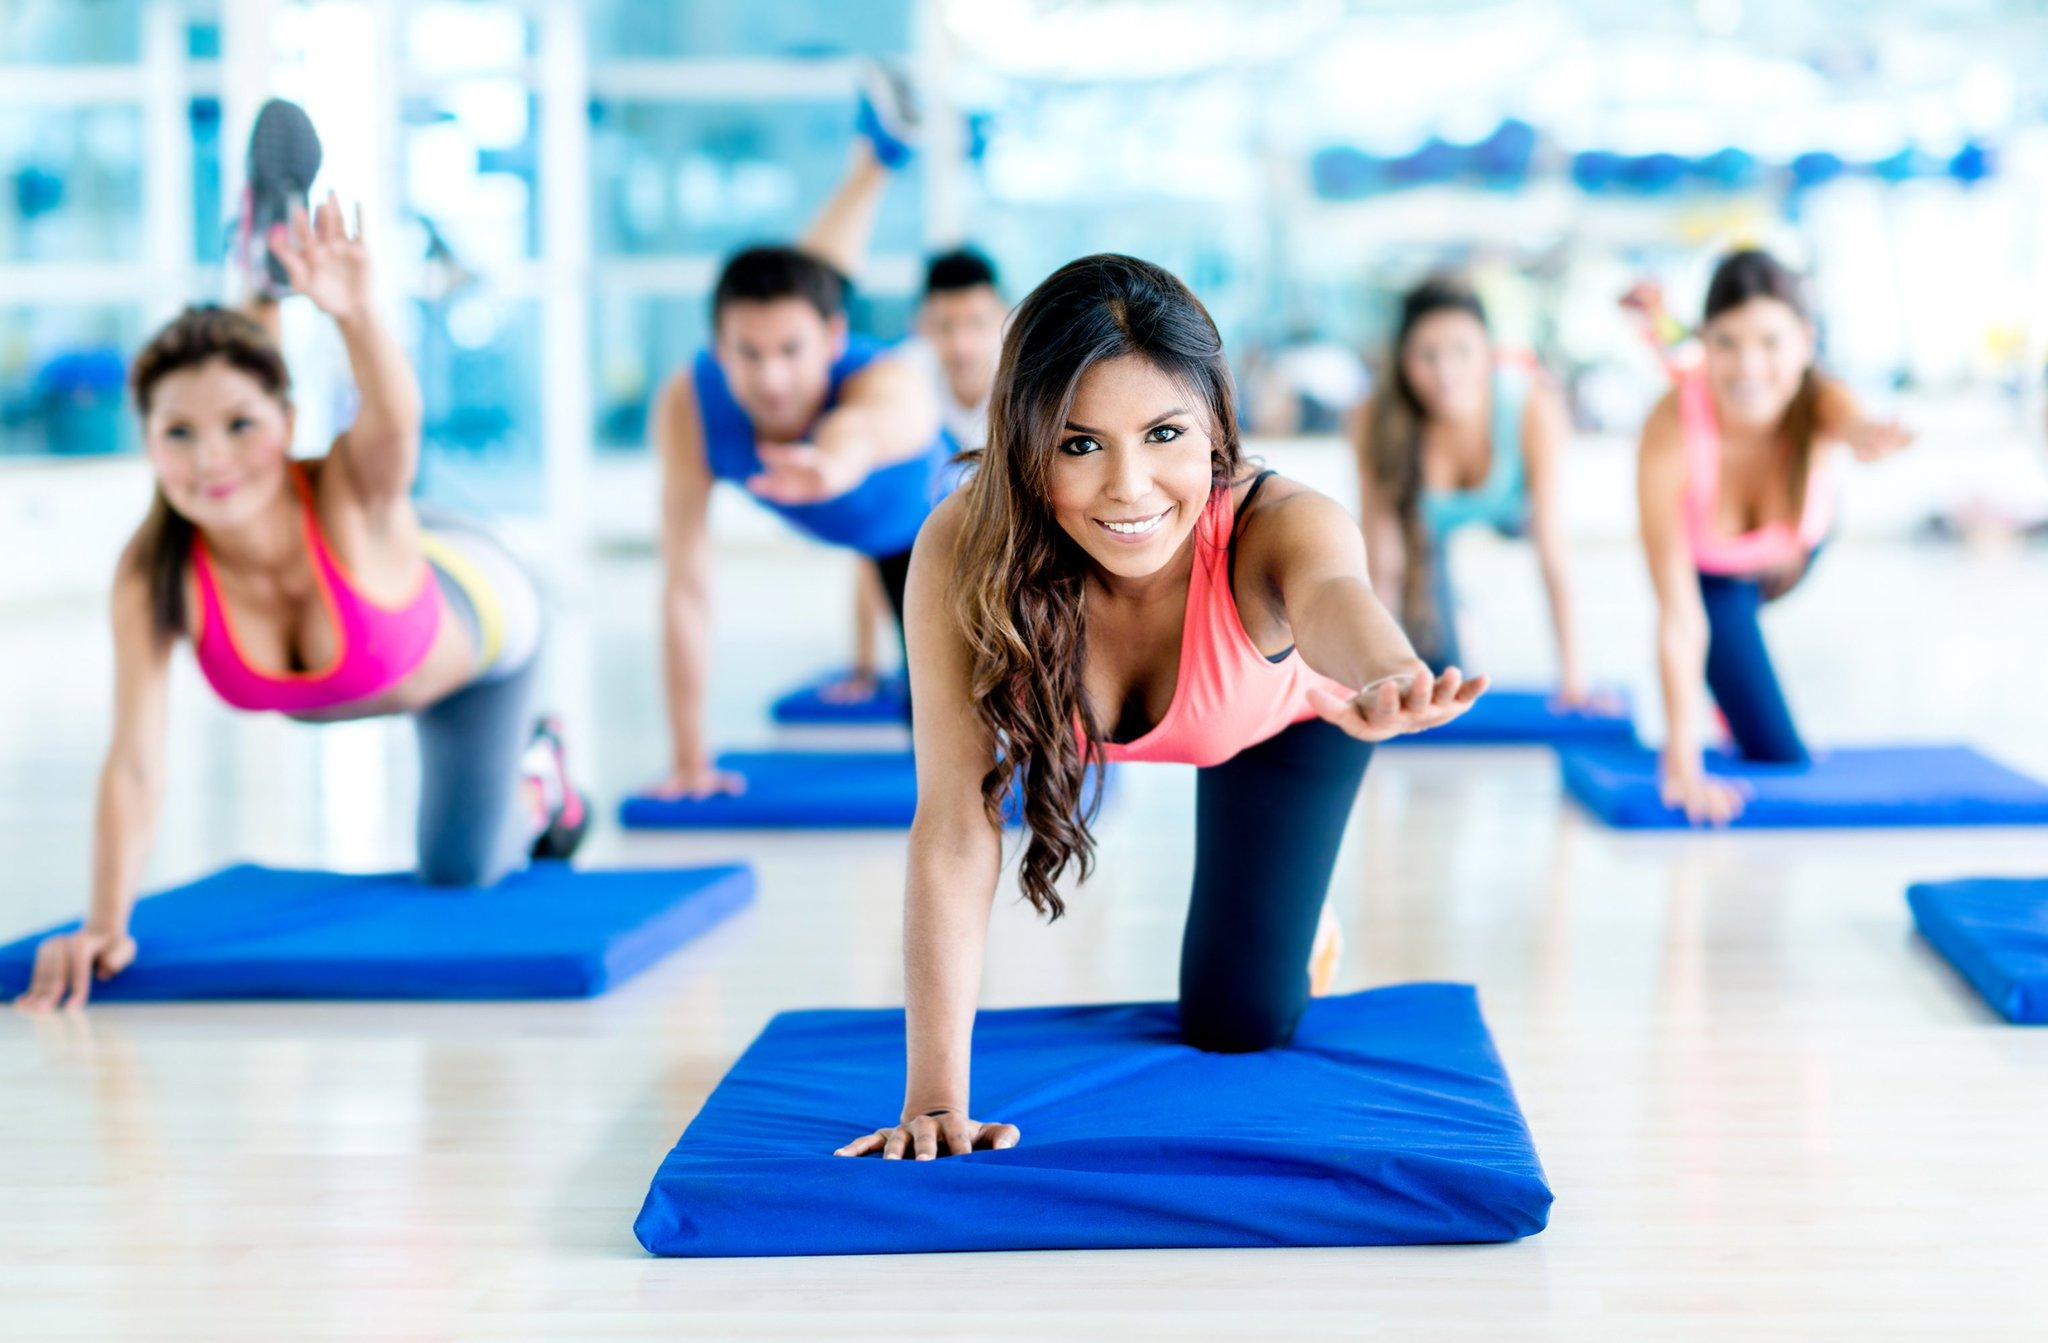 Занятия Похудение Видео. Фитнес: видео-занятия для похудения и стройной фигуры